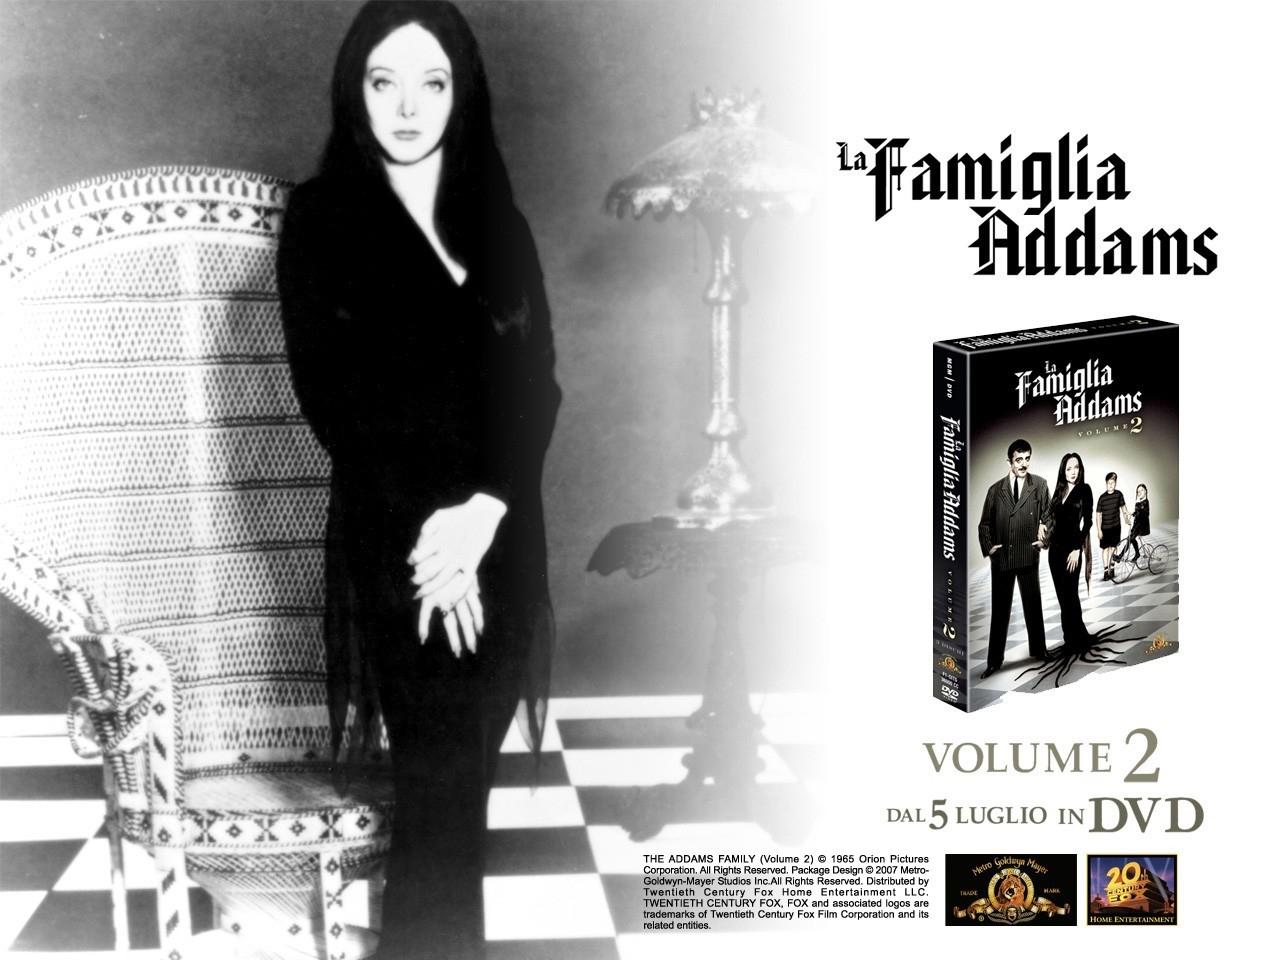 Wallpaper della serie tv La famiglia Addams